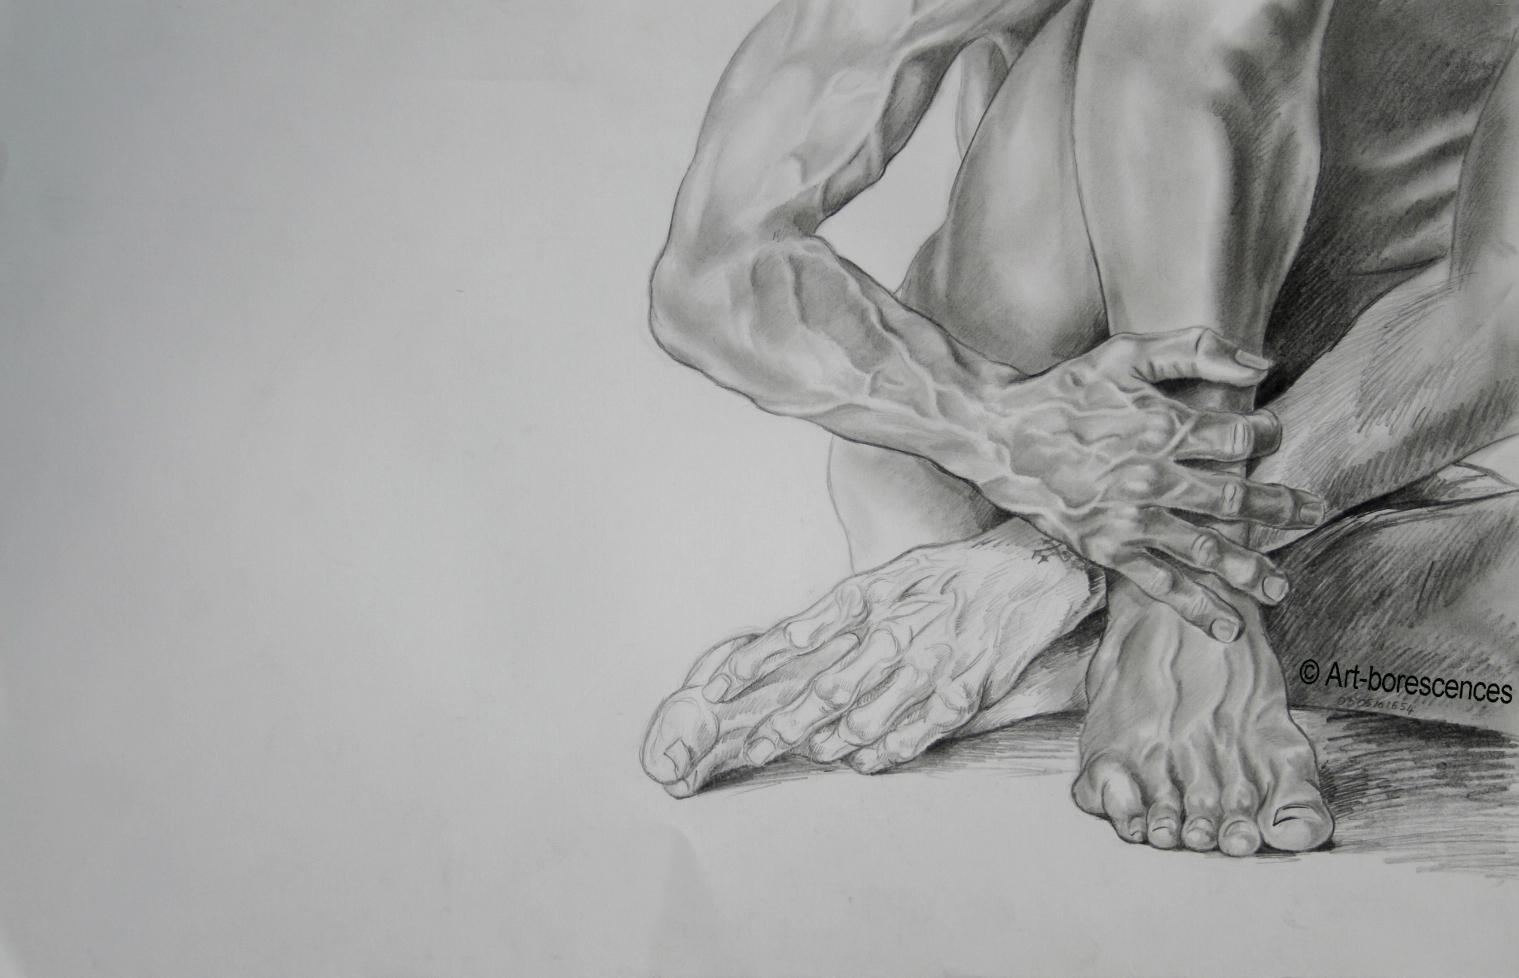 Etude de mains et pieds art borescences mod le vivant - Dessin de mains ...